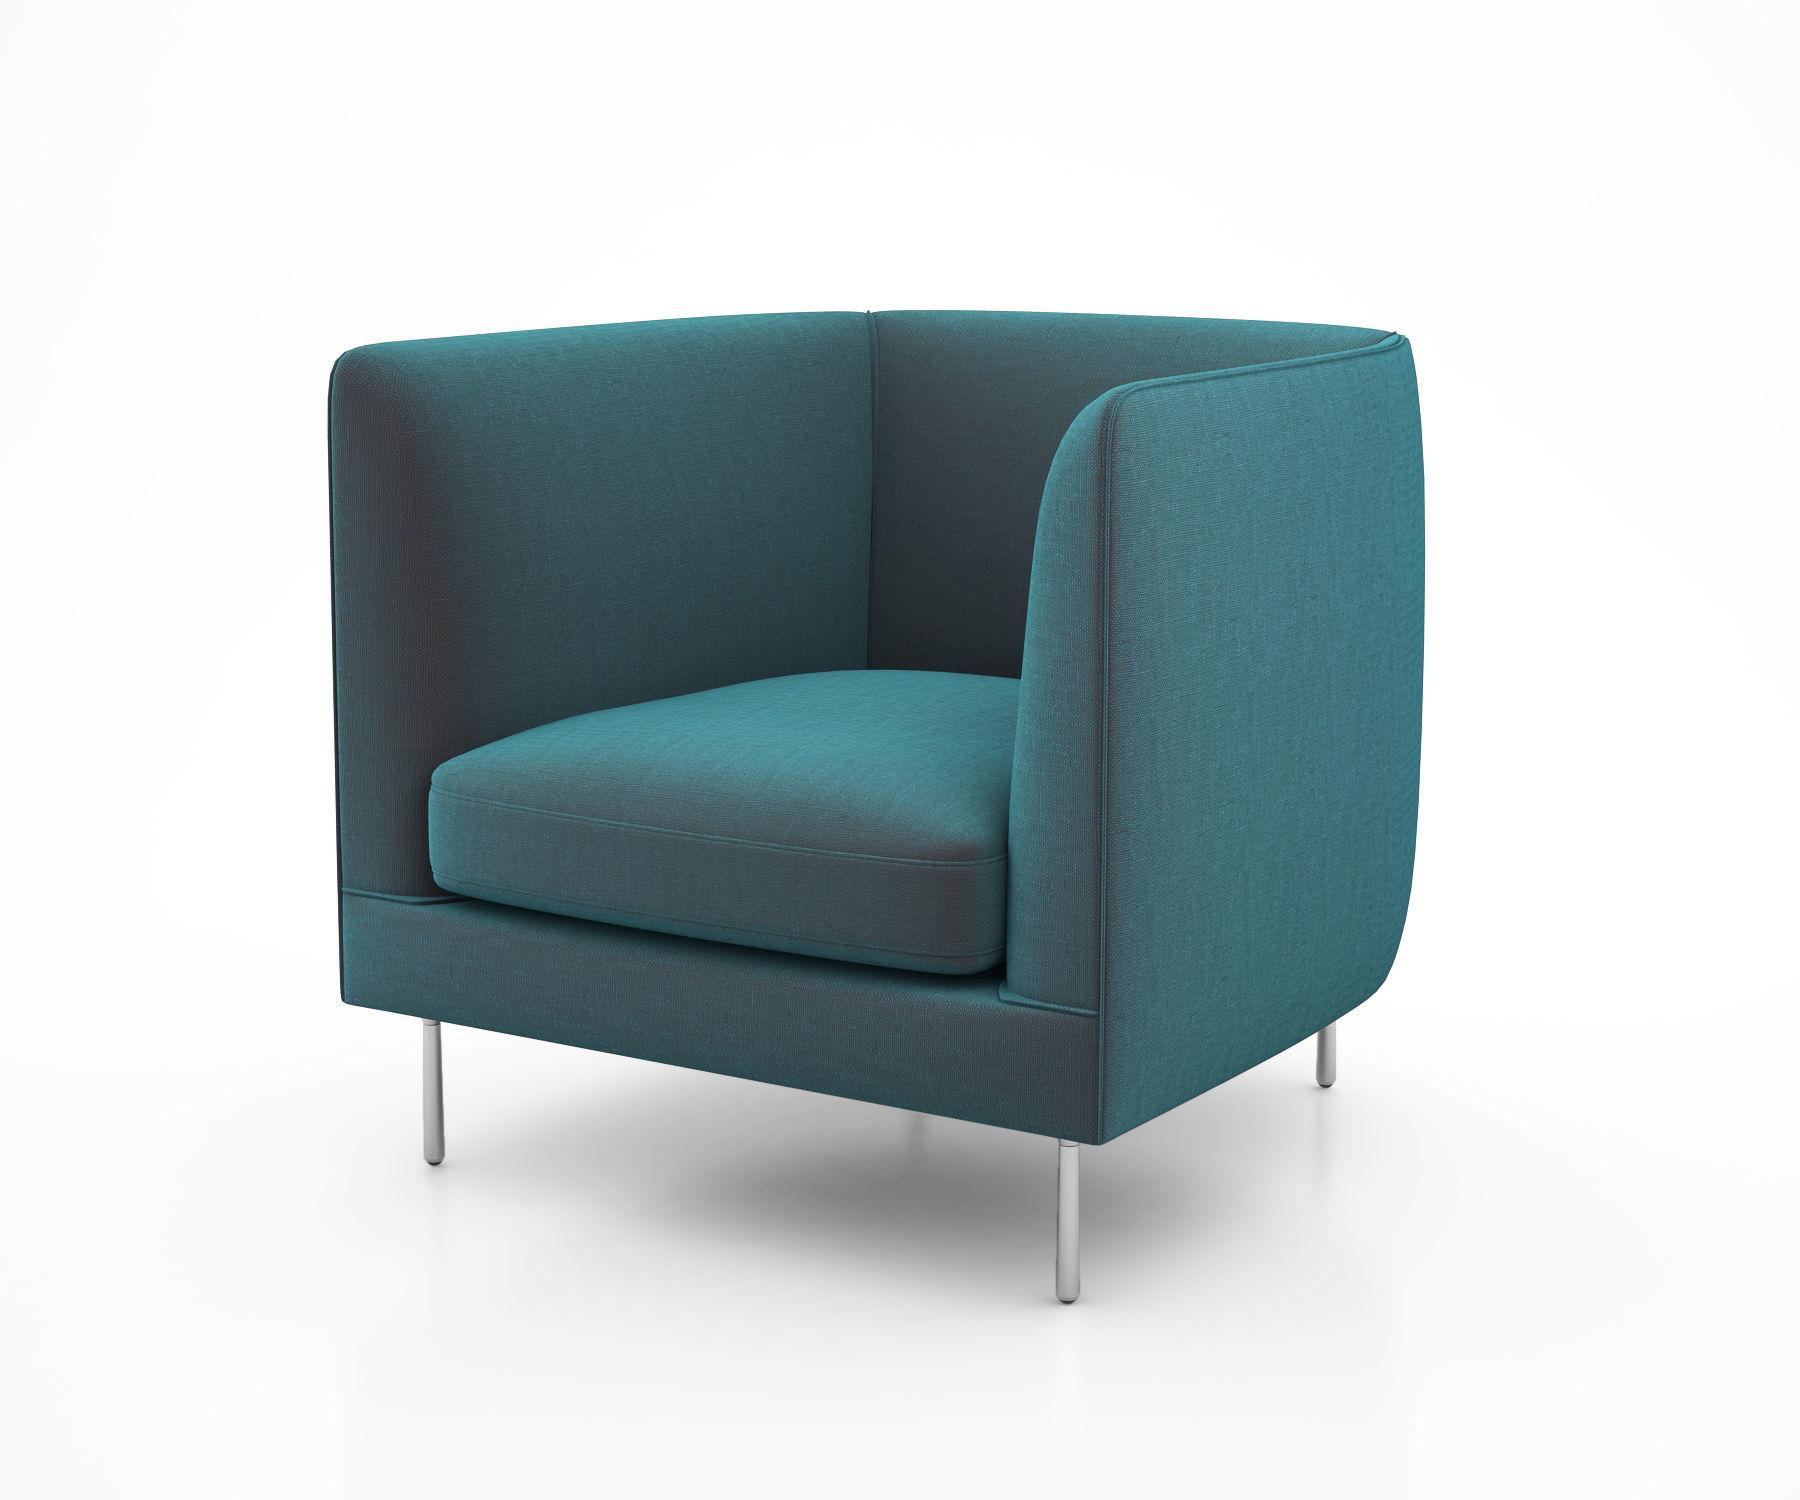 Delta club chair by Bensen